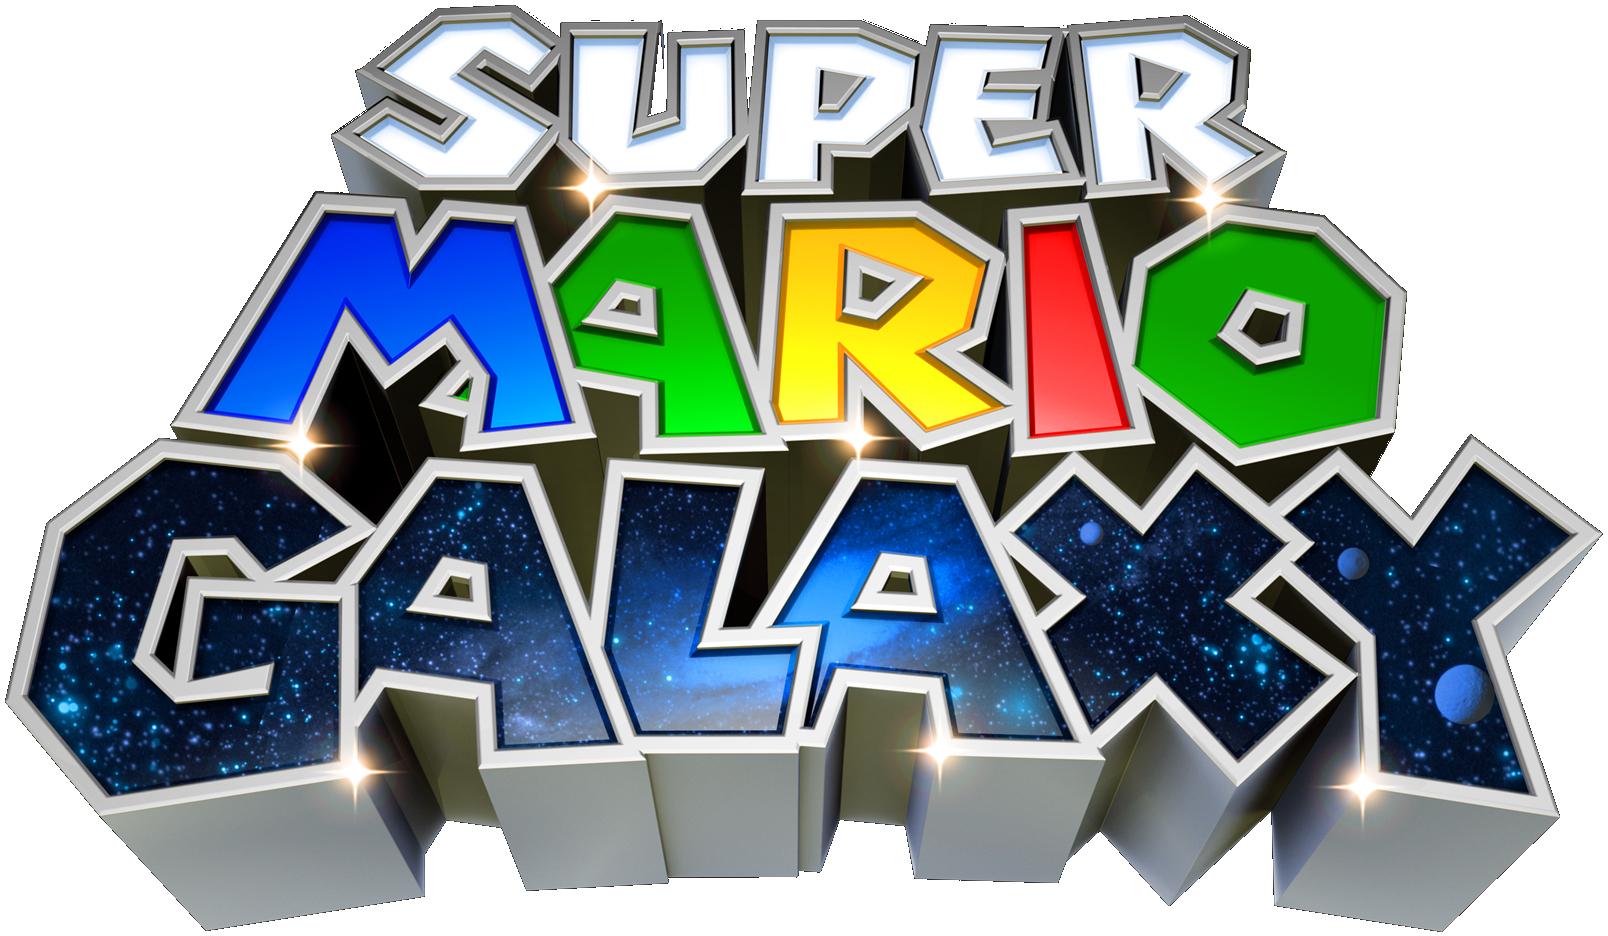 Super Mario Galaxy (series)